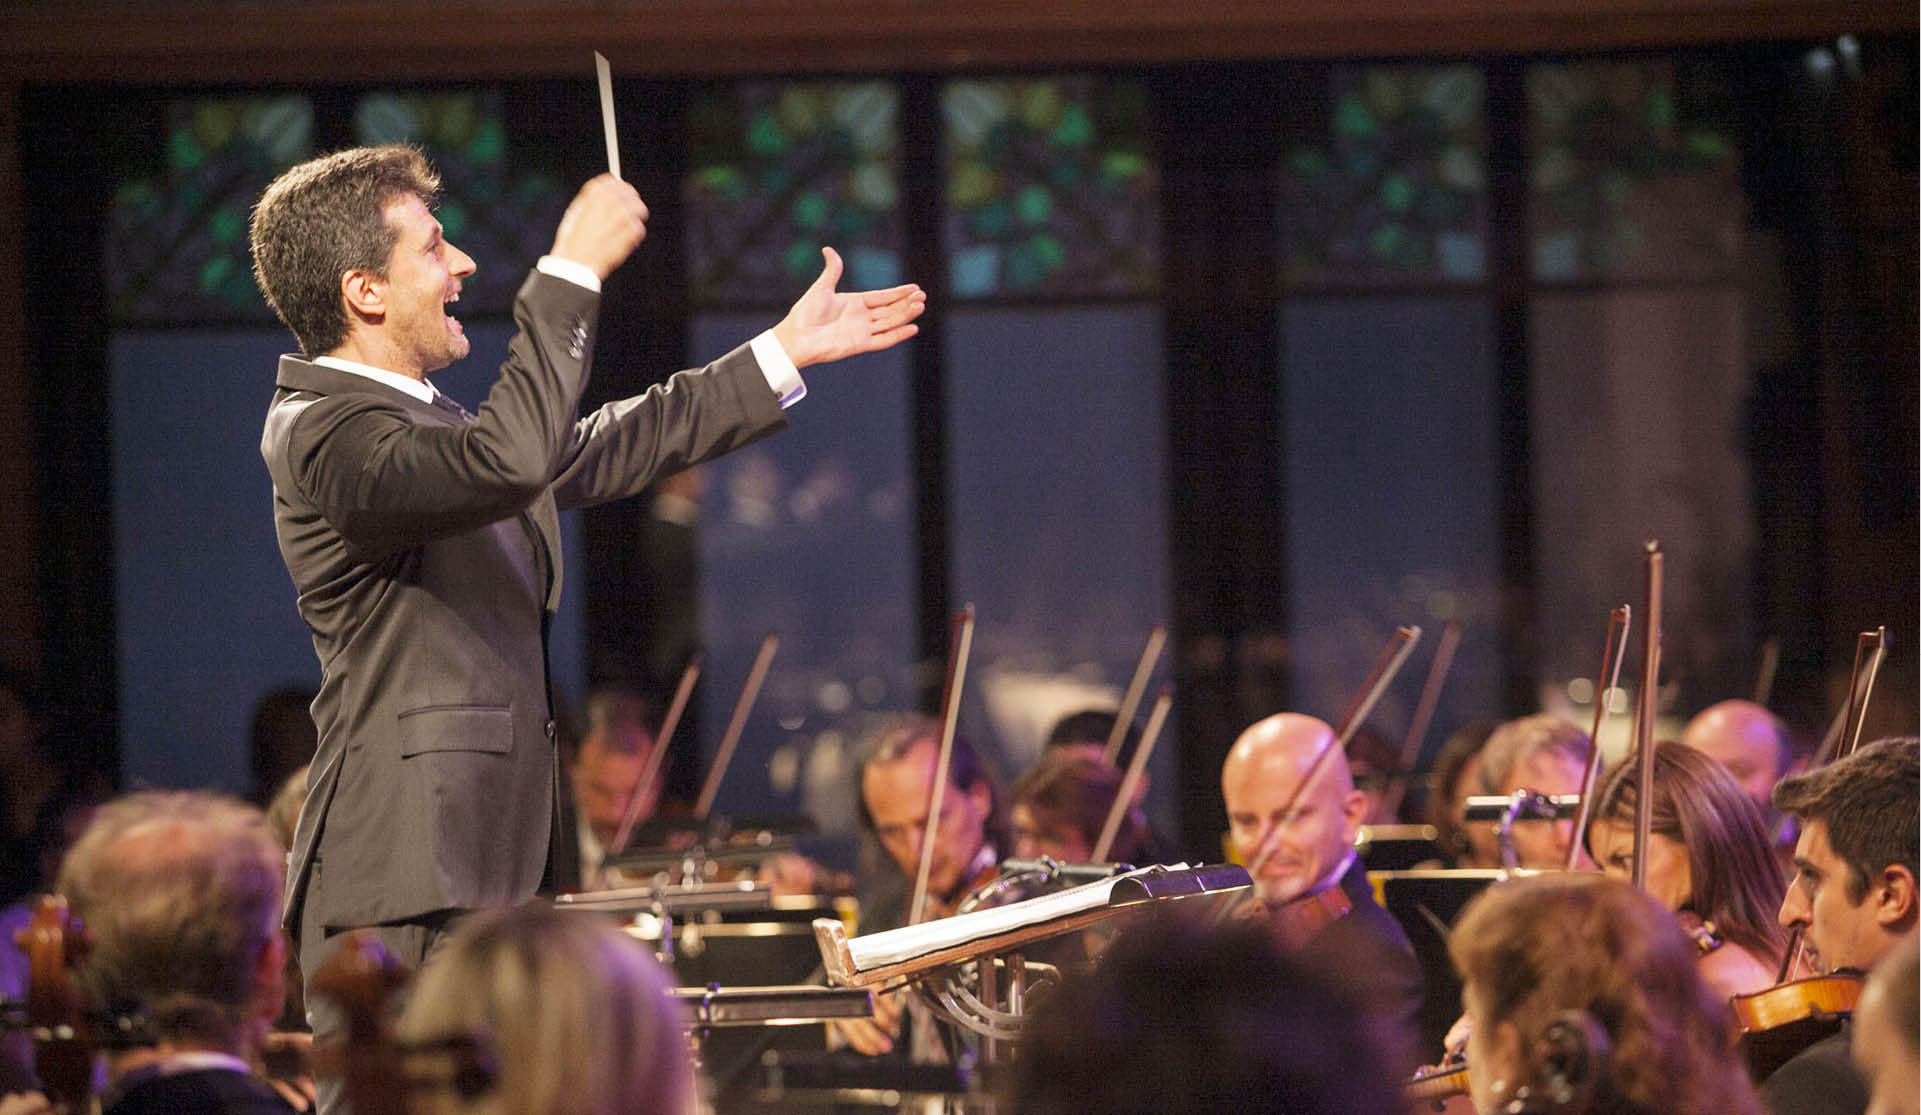 Orquestra Simfònica del Vallès, Trencanous